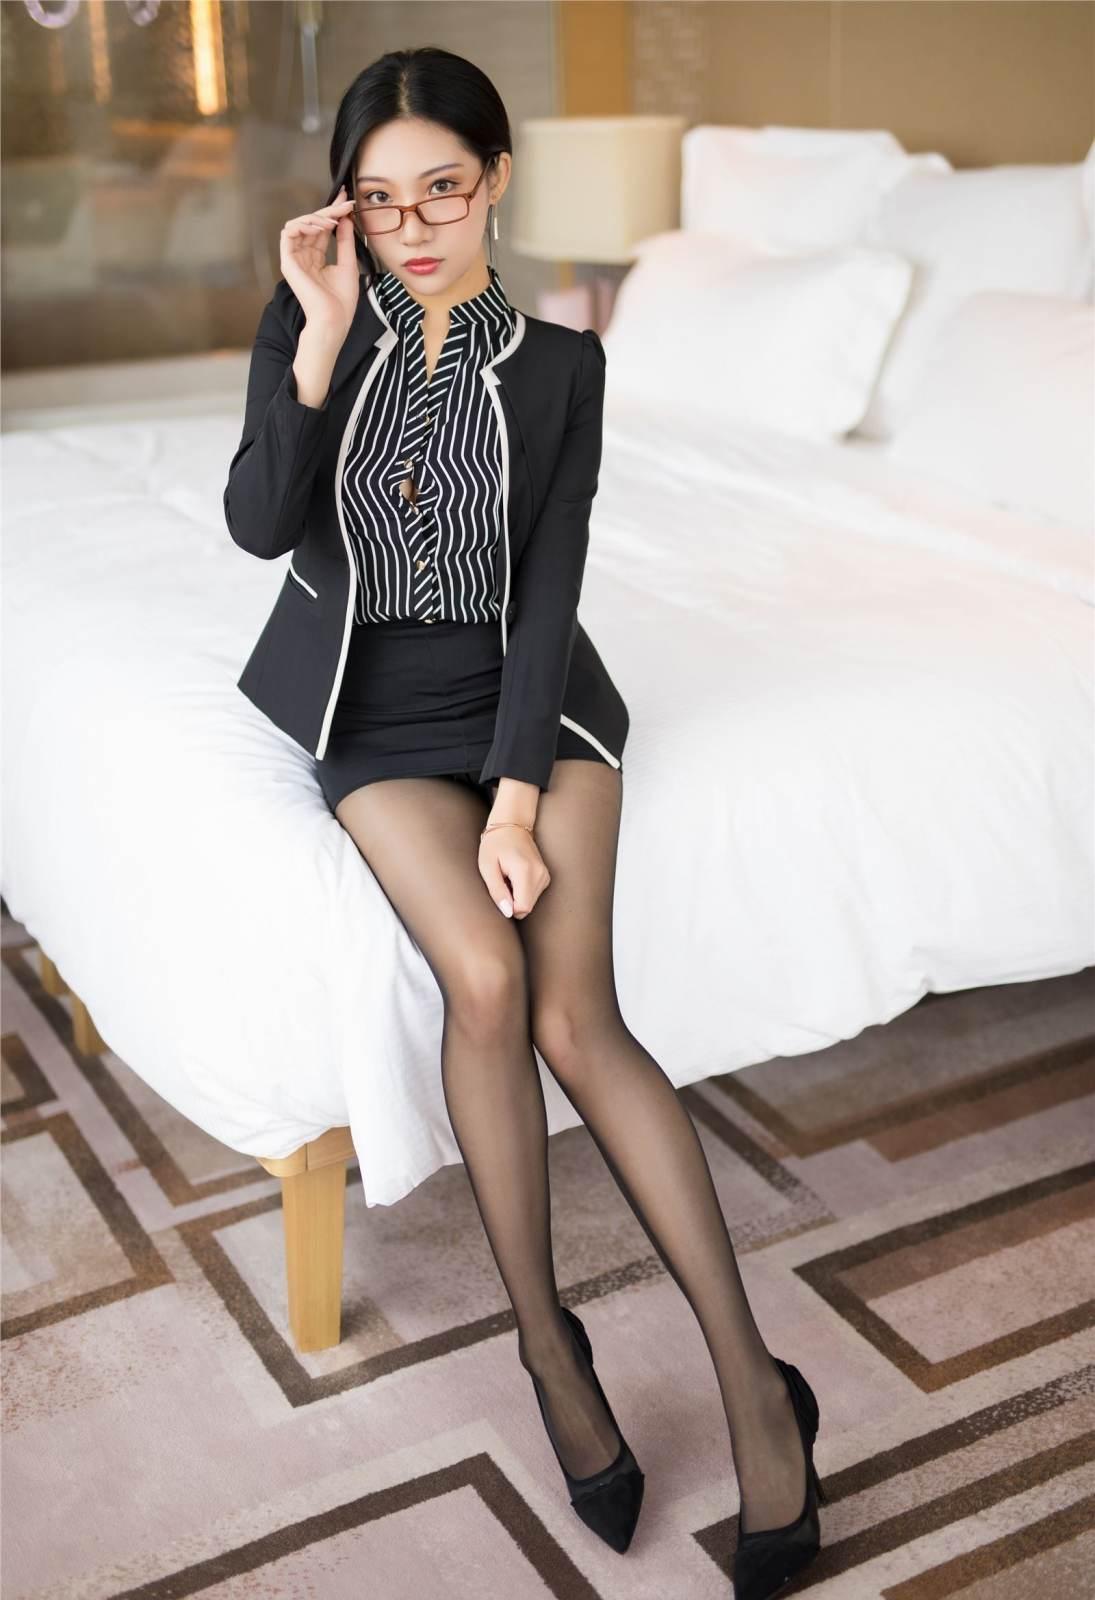 第121期老板的秘书小狐狸(职业装,黑丝,高跟)_图片3